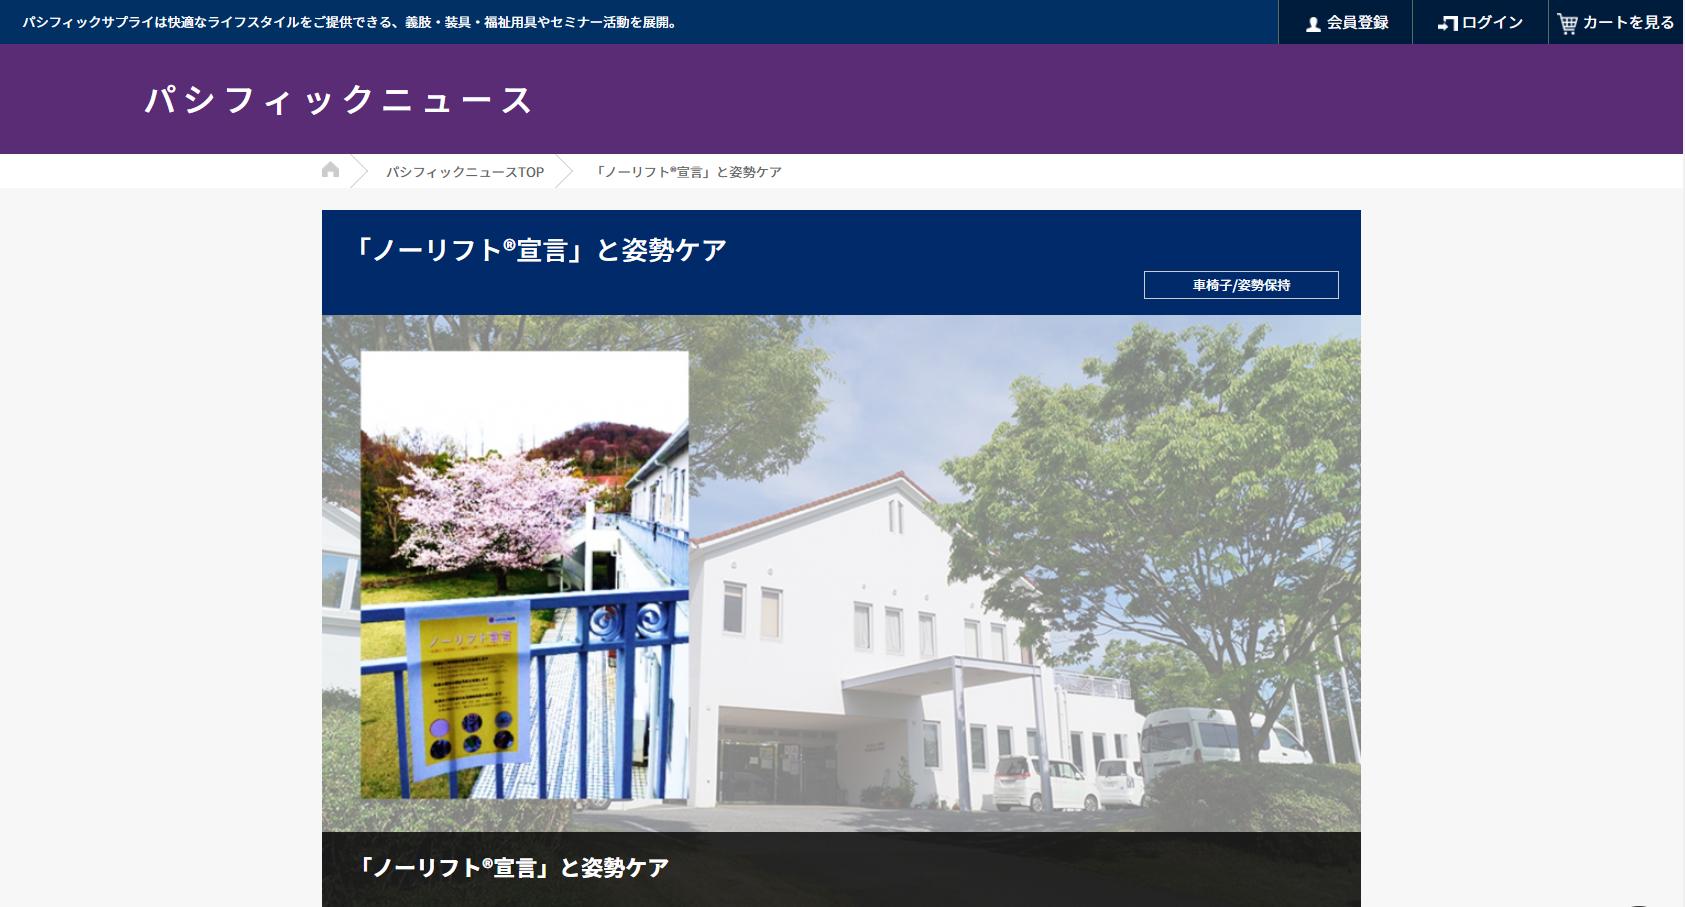 https://www.shinkouen.or.jp/blog/d1dc4a6c268369b0df04a72414cef10034d1ee64.png